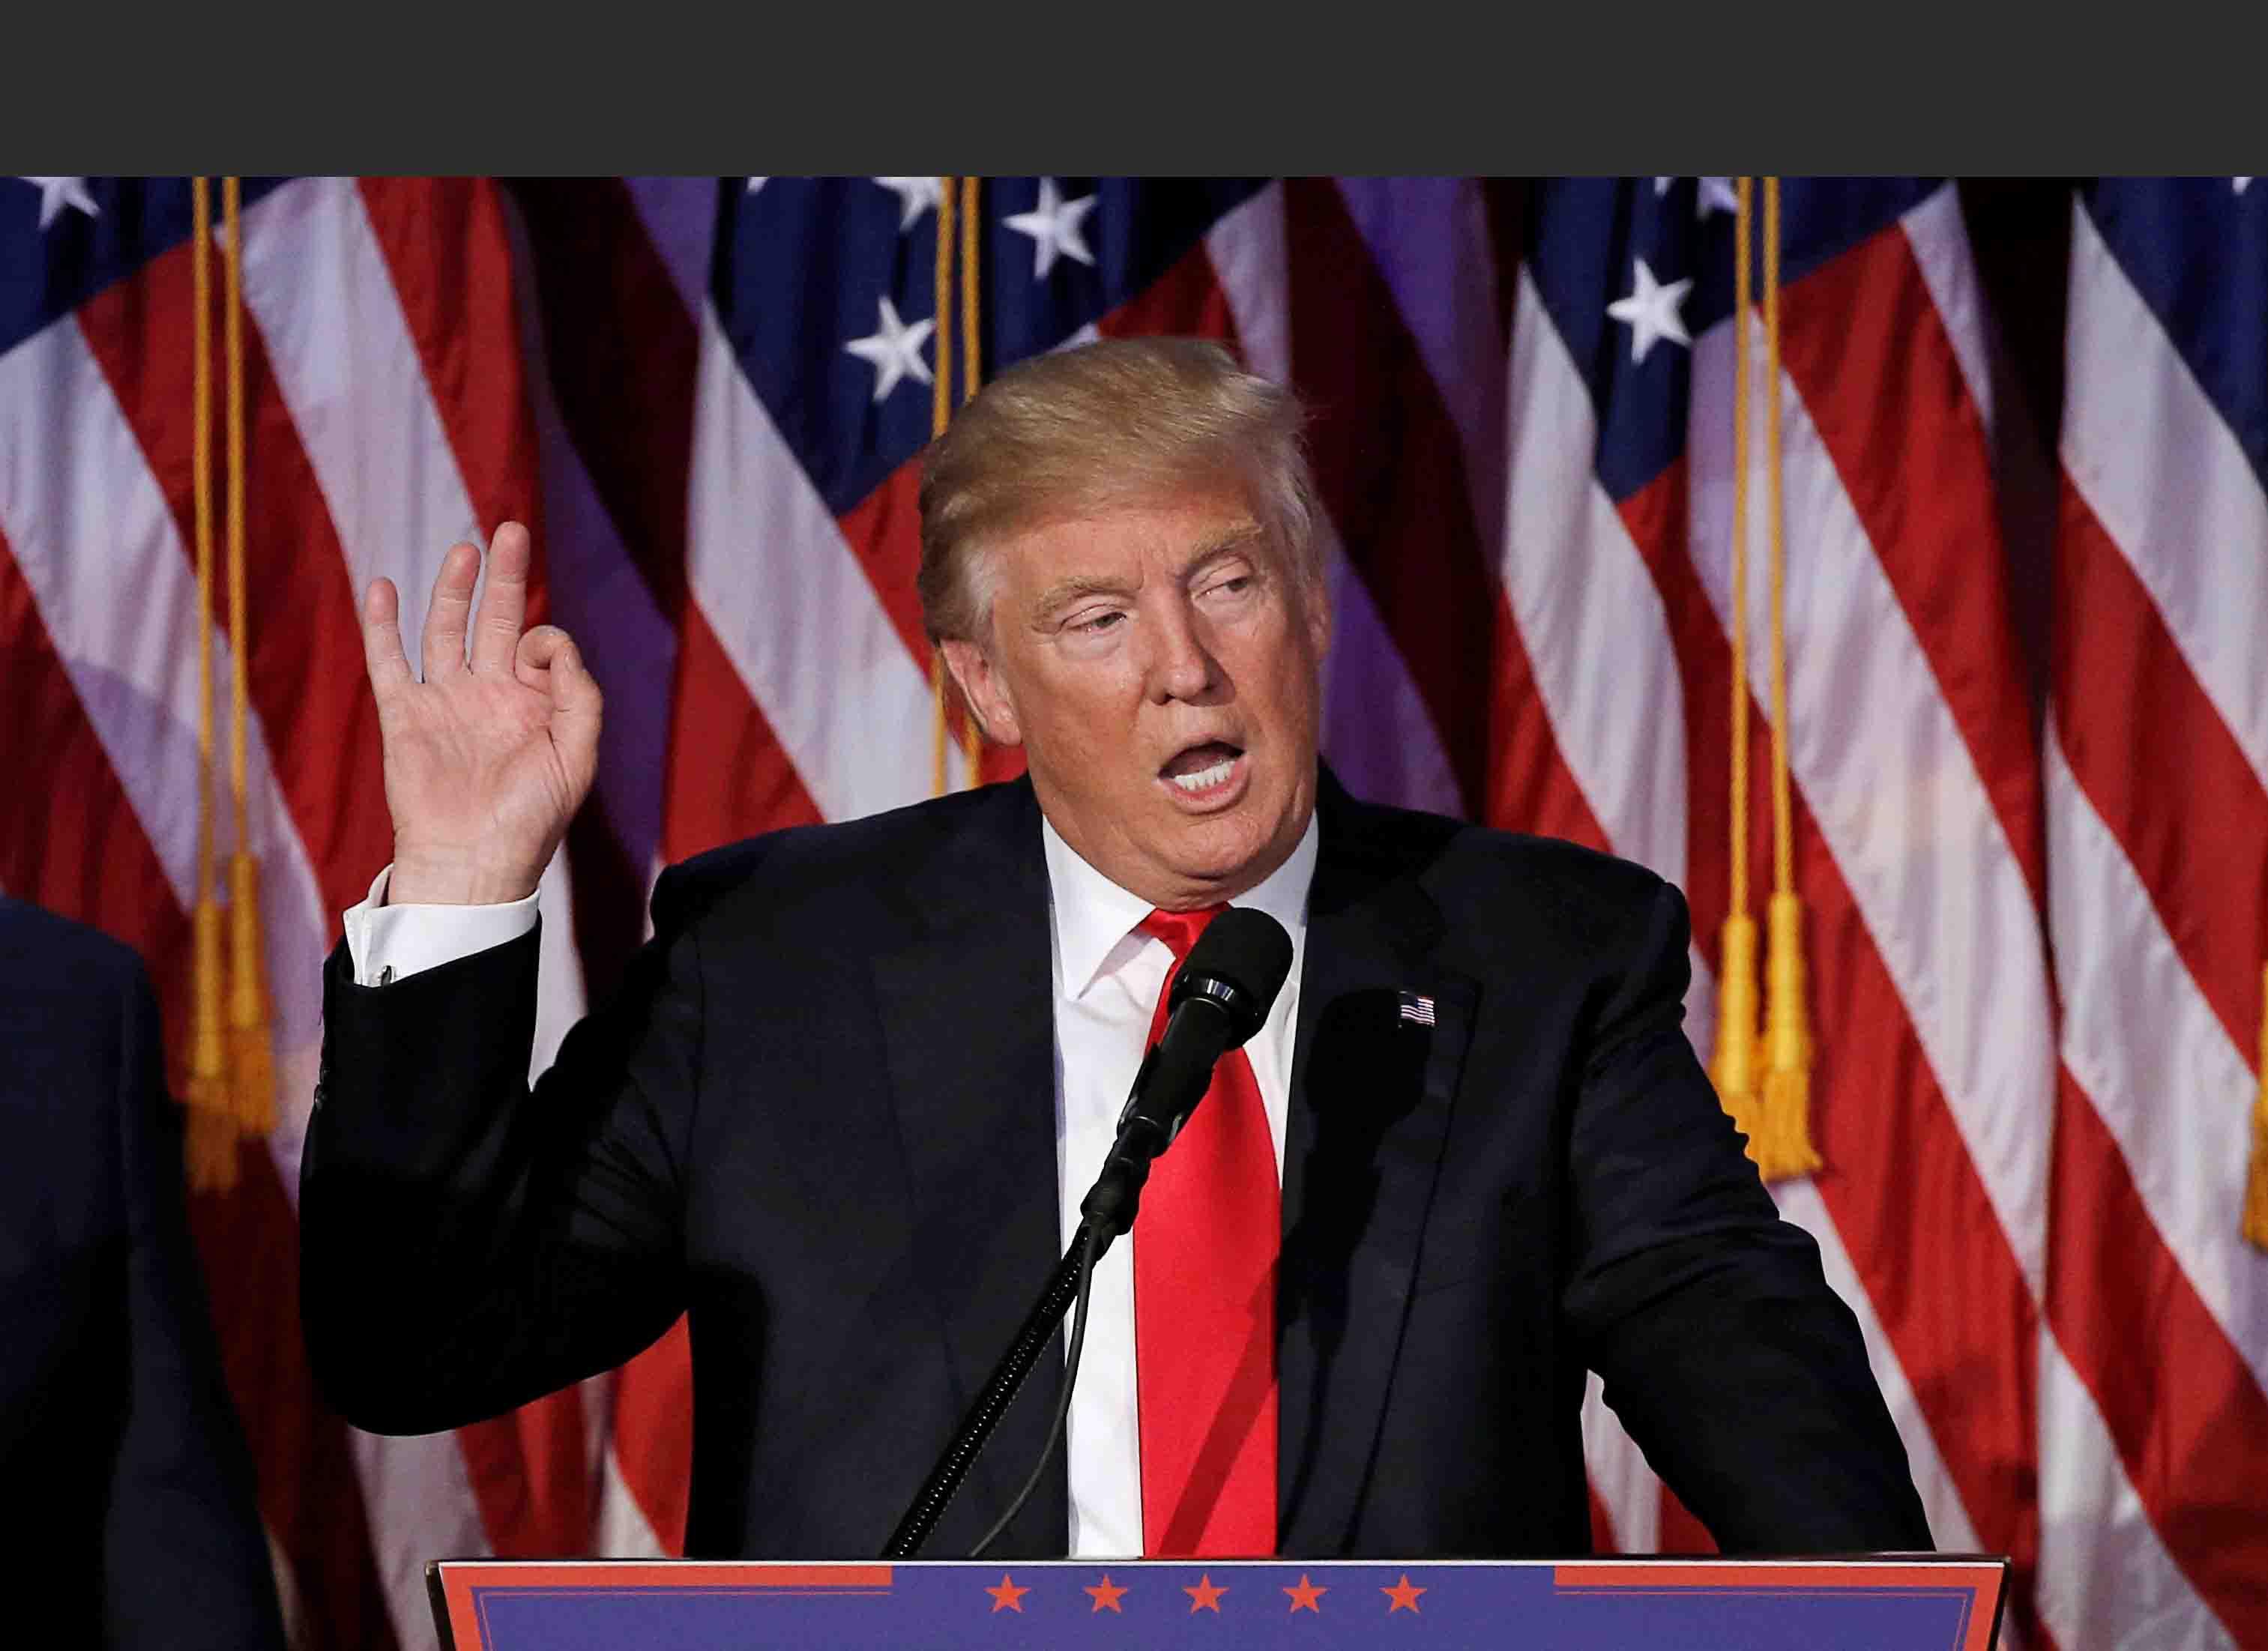 Como parte de sus promesas en l que fue su campaña política Donald Trump comenzara con los ilegales con antecedentes penales